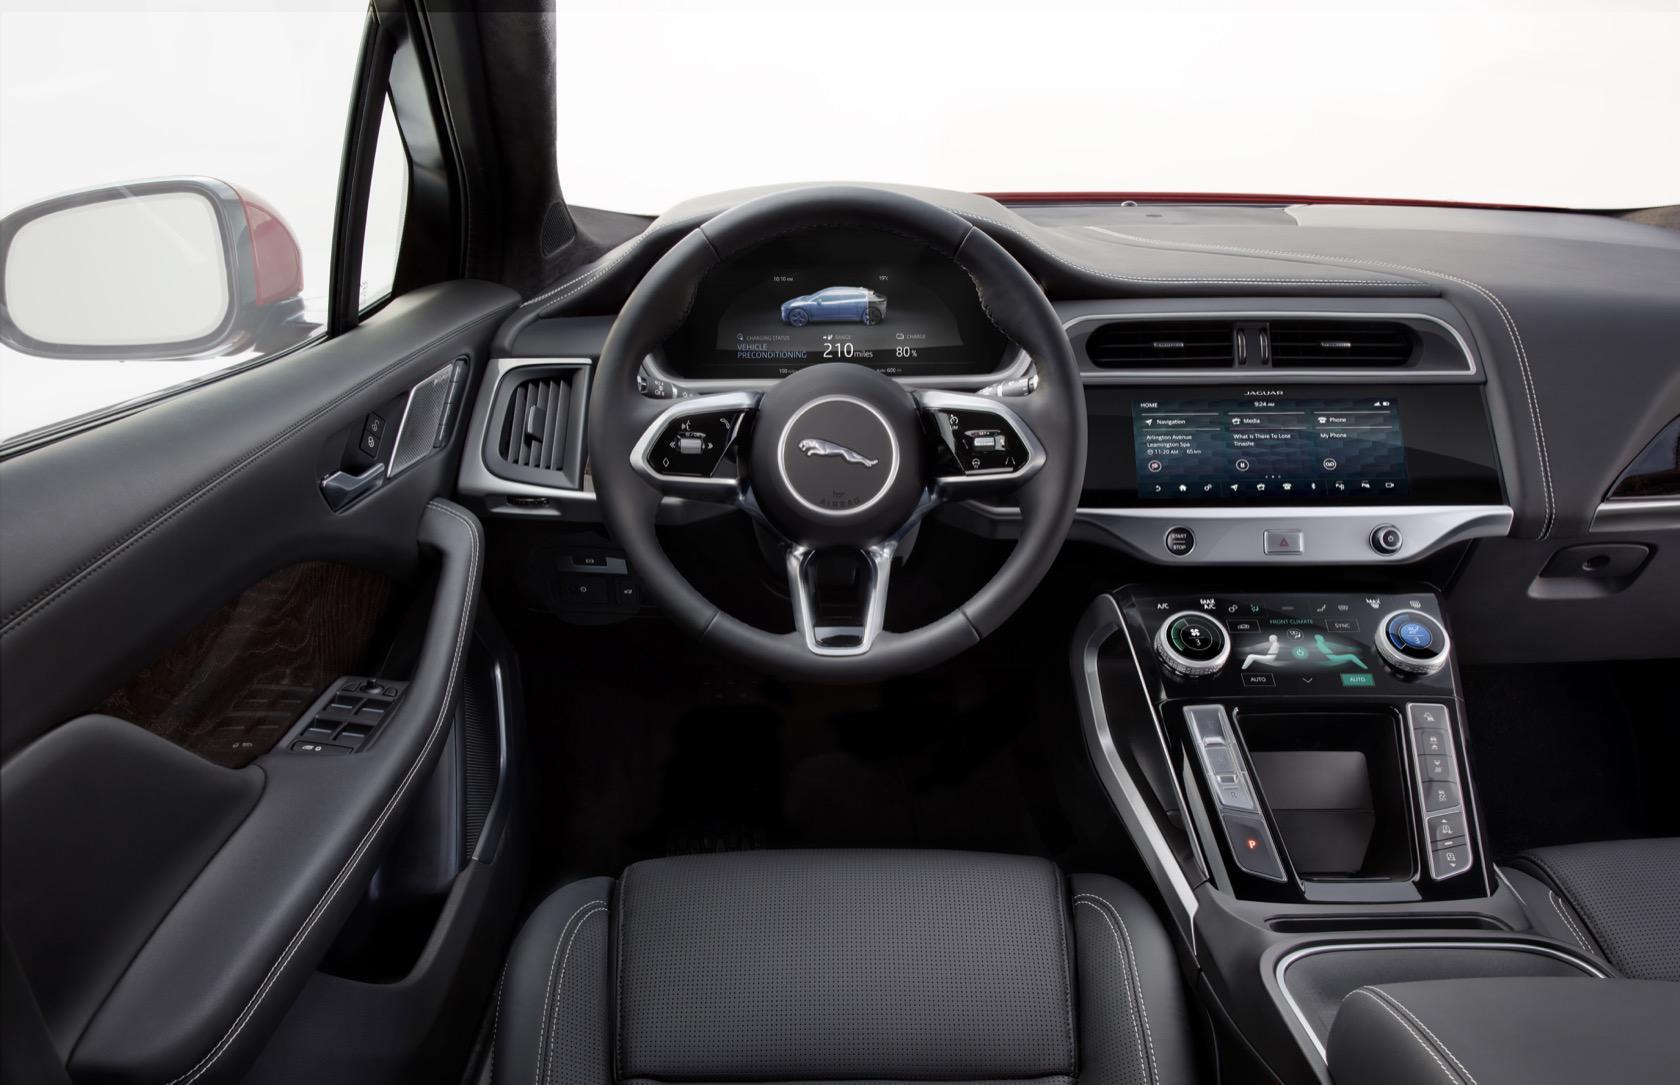 2019 Jaguar I-PACE: 5 big tech details to know - SlashGear